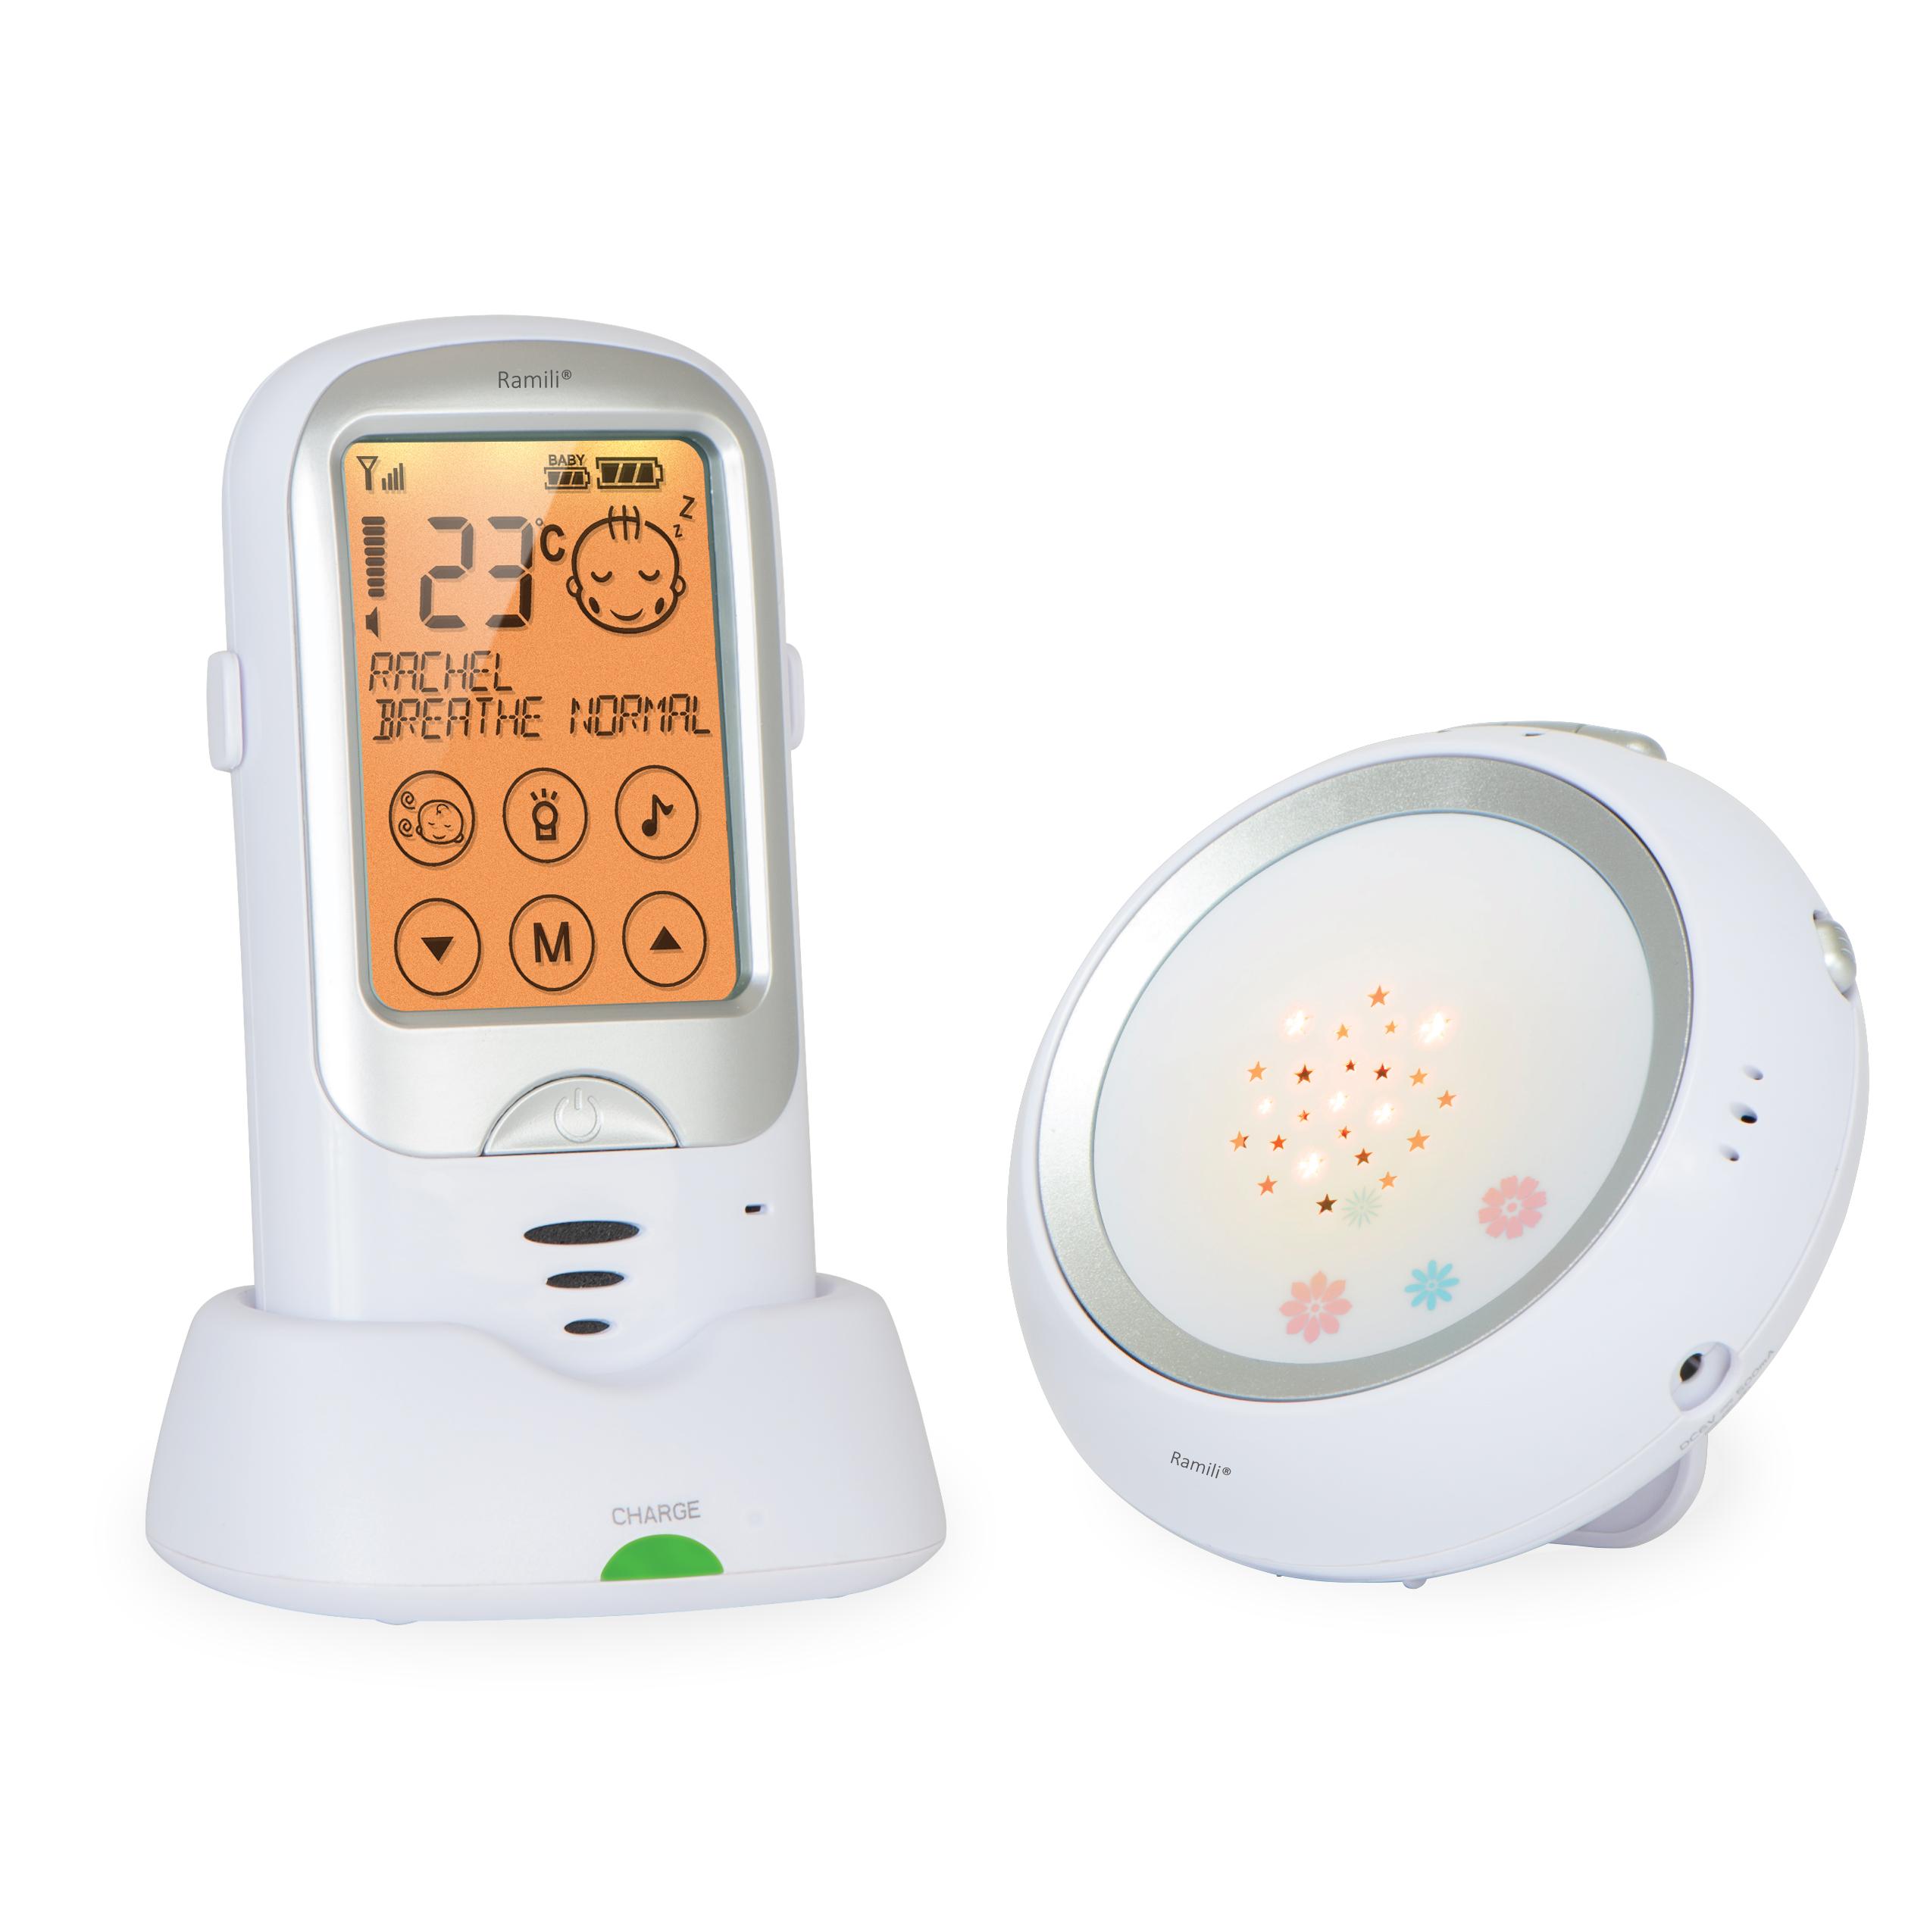 Радио-няня Ramili Baby RA300RA300Ramili Baby Digital Baby Monitor RA300 представляет собой радионяню, вобравшую в себя все передовые технологии. Она обеспечивает простое и удобное общение с ребенком, полностью безопасна, ее звучание является кристально чистым, а диапазон действия составляет расстояние до 650 метров. Устройство постоянно в автоматическом режиме мониторит расстояние между блоками и регулирует мощность передачи сигнала, тем самым продлевая срок службы аккумулятора. Радионяня Ramili Baby Digital Baby Monitor RA300 включает в себя множество полезных, потрясающих возможностей, обеспечивающих высоким комфорт при использовании в повседневной рутине: сенсорный дисплей, автоматическое определение плача ребенка, двустороннюю связь, великолепный ночник с возможностью проецирования симпатичных звезд и многое другое. Кристально чистый звук Автоматический поиск каналов для обеспечения наилучшего качества